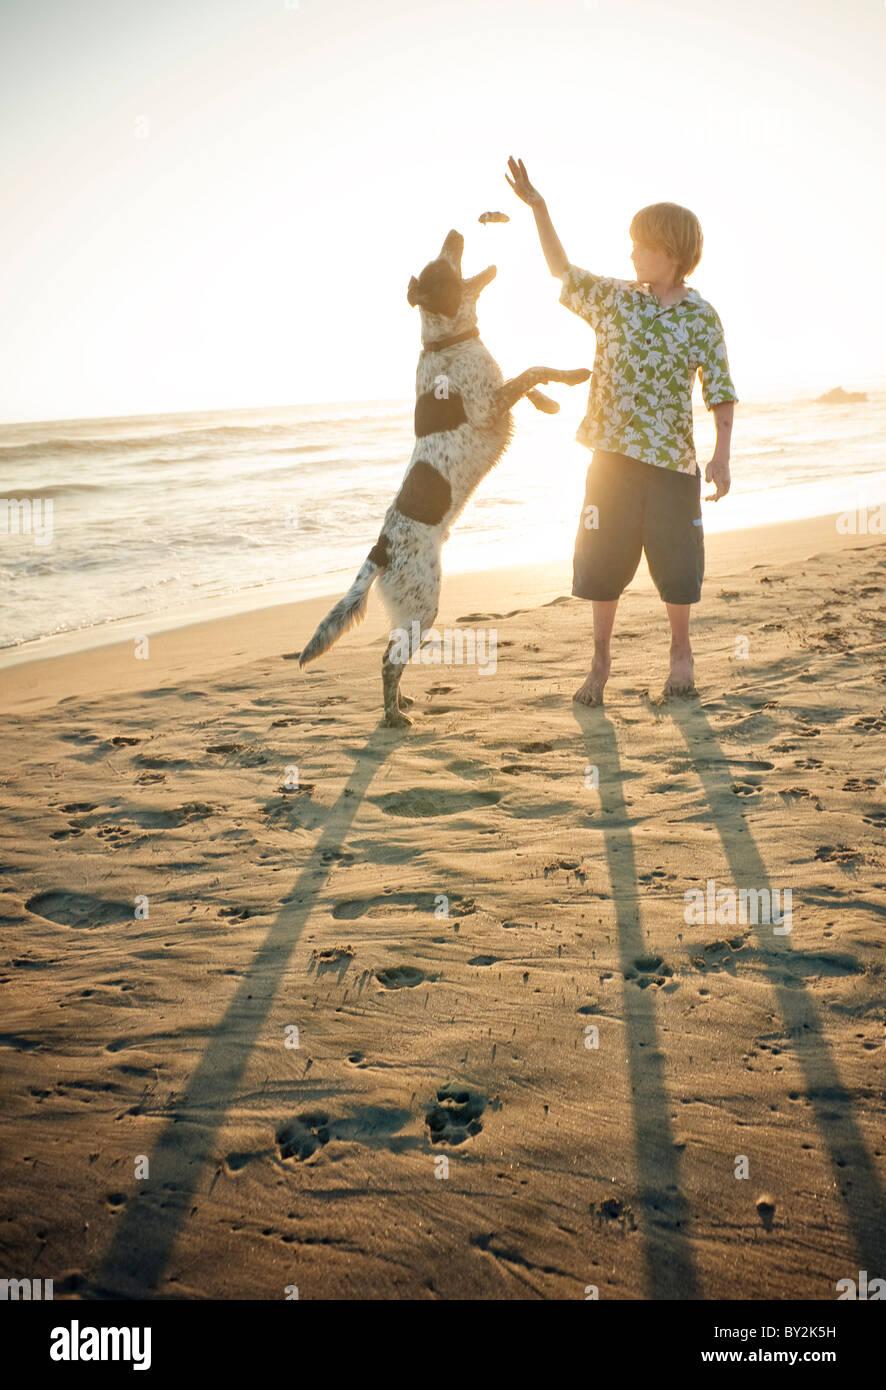 Ein kleiner Junge spielt mit seinem Hund an einem Strand in Mexiko. Stockbild